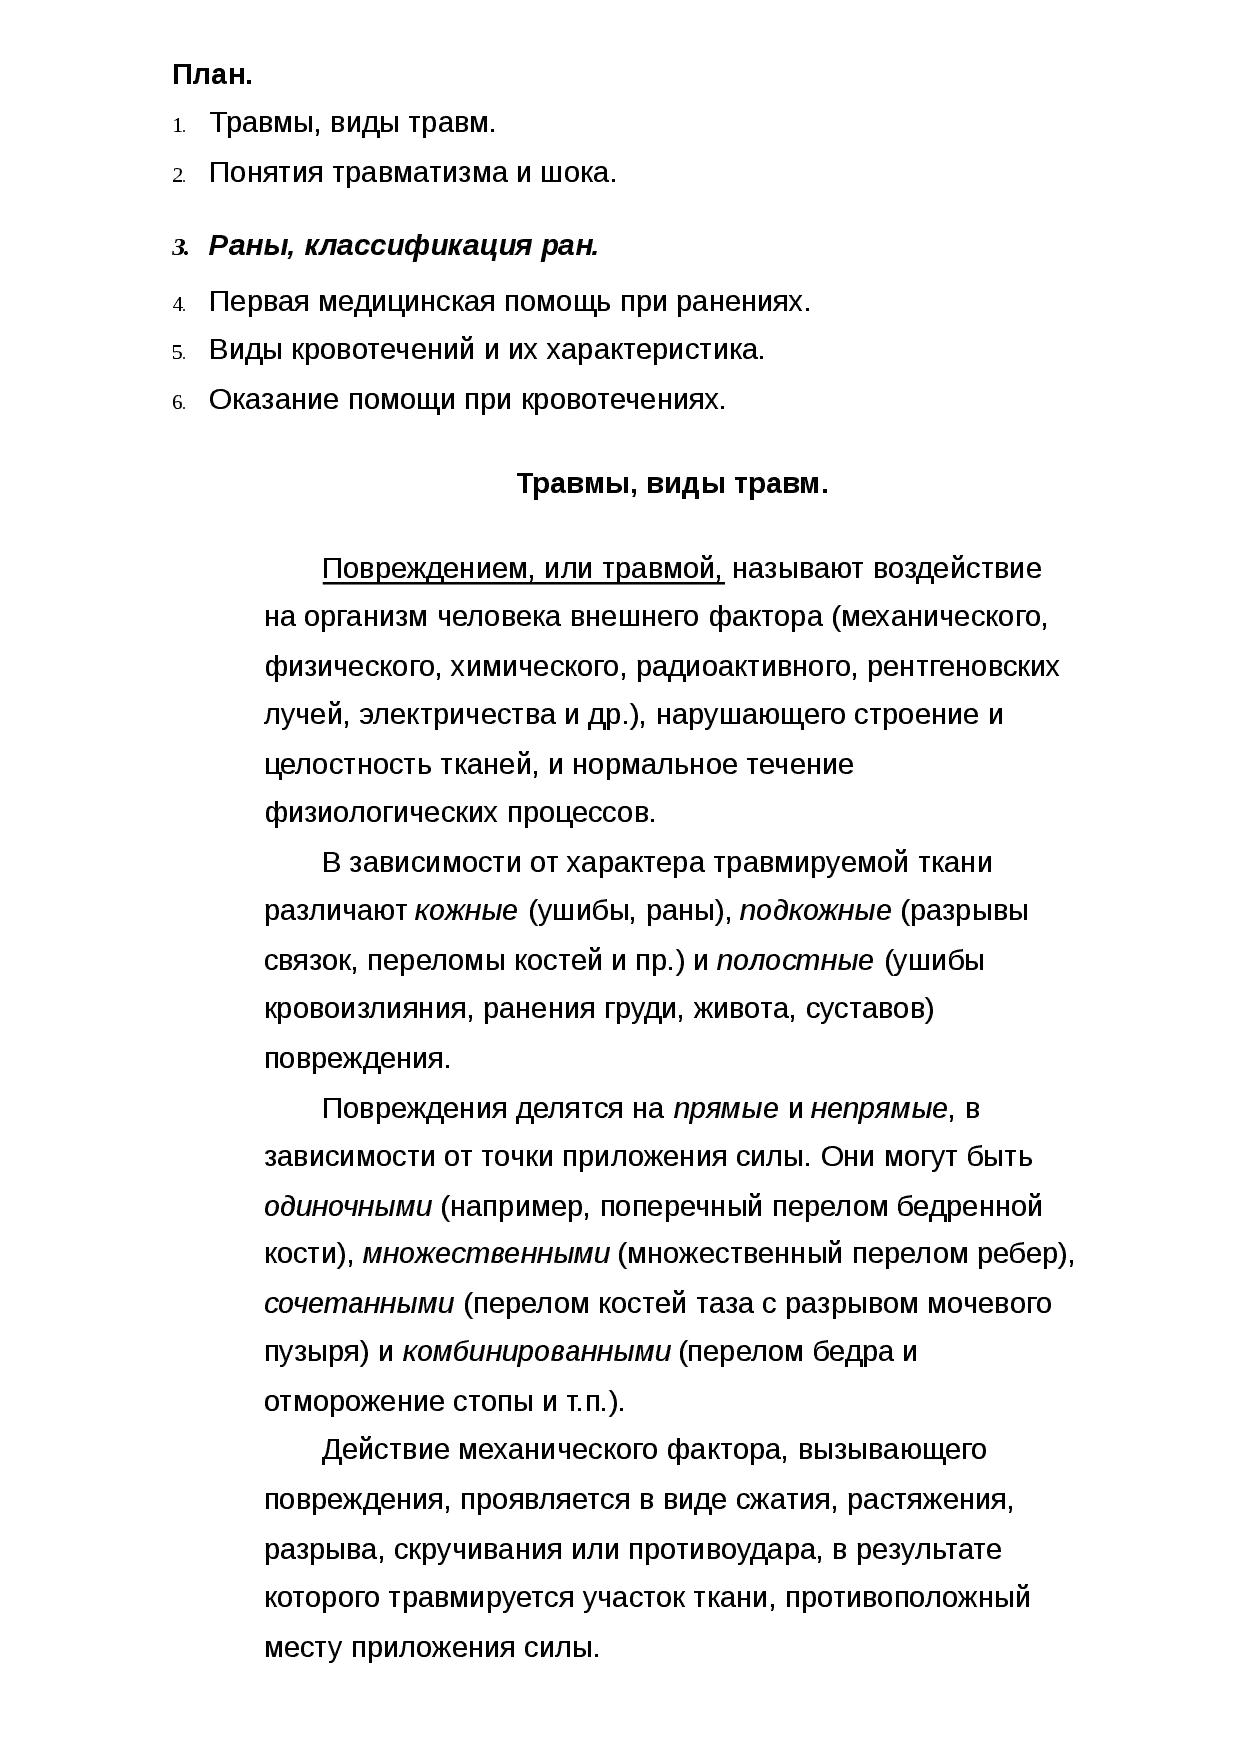 Российская академия наук (ран), россия - деловой квартал